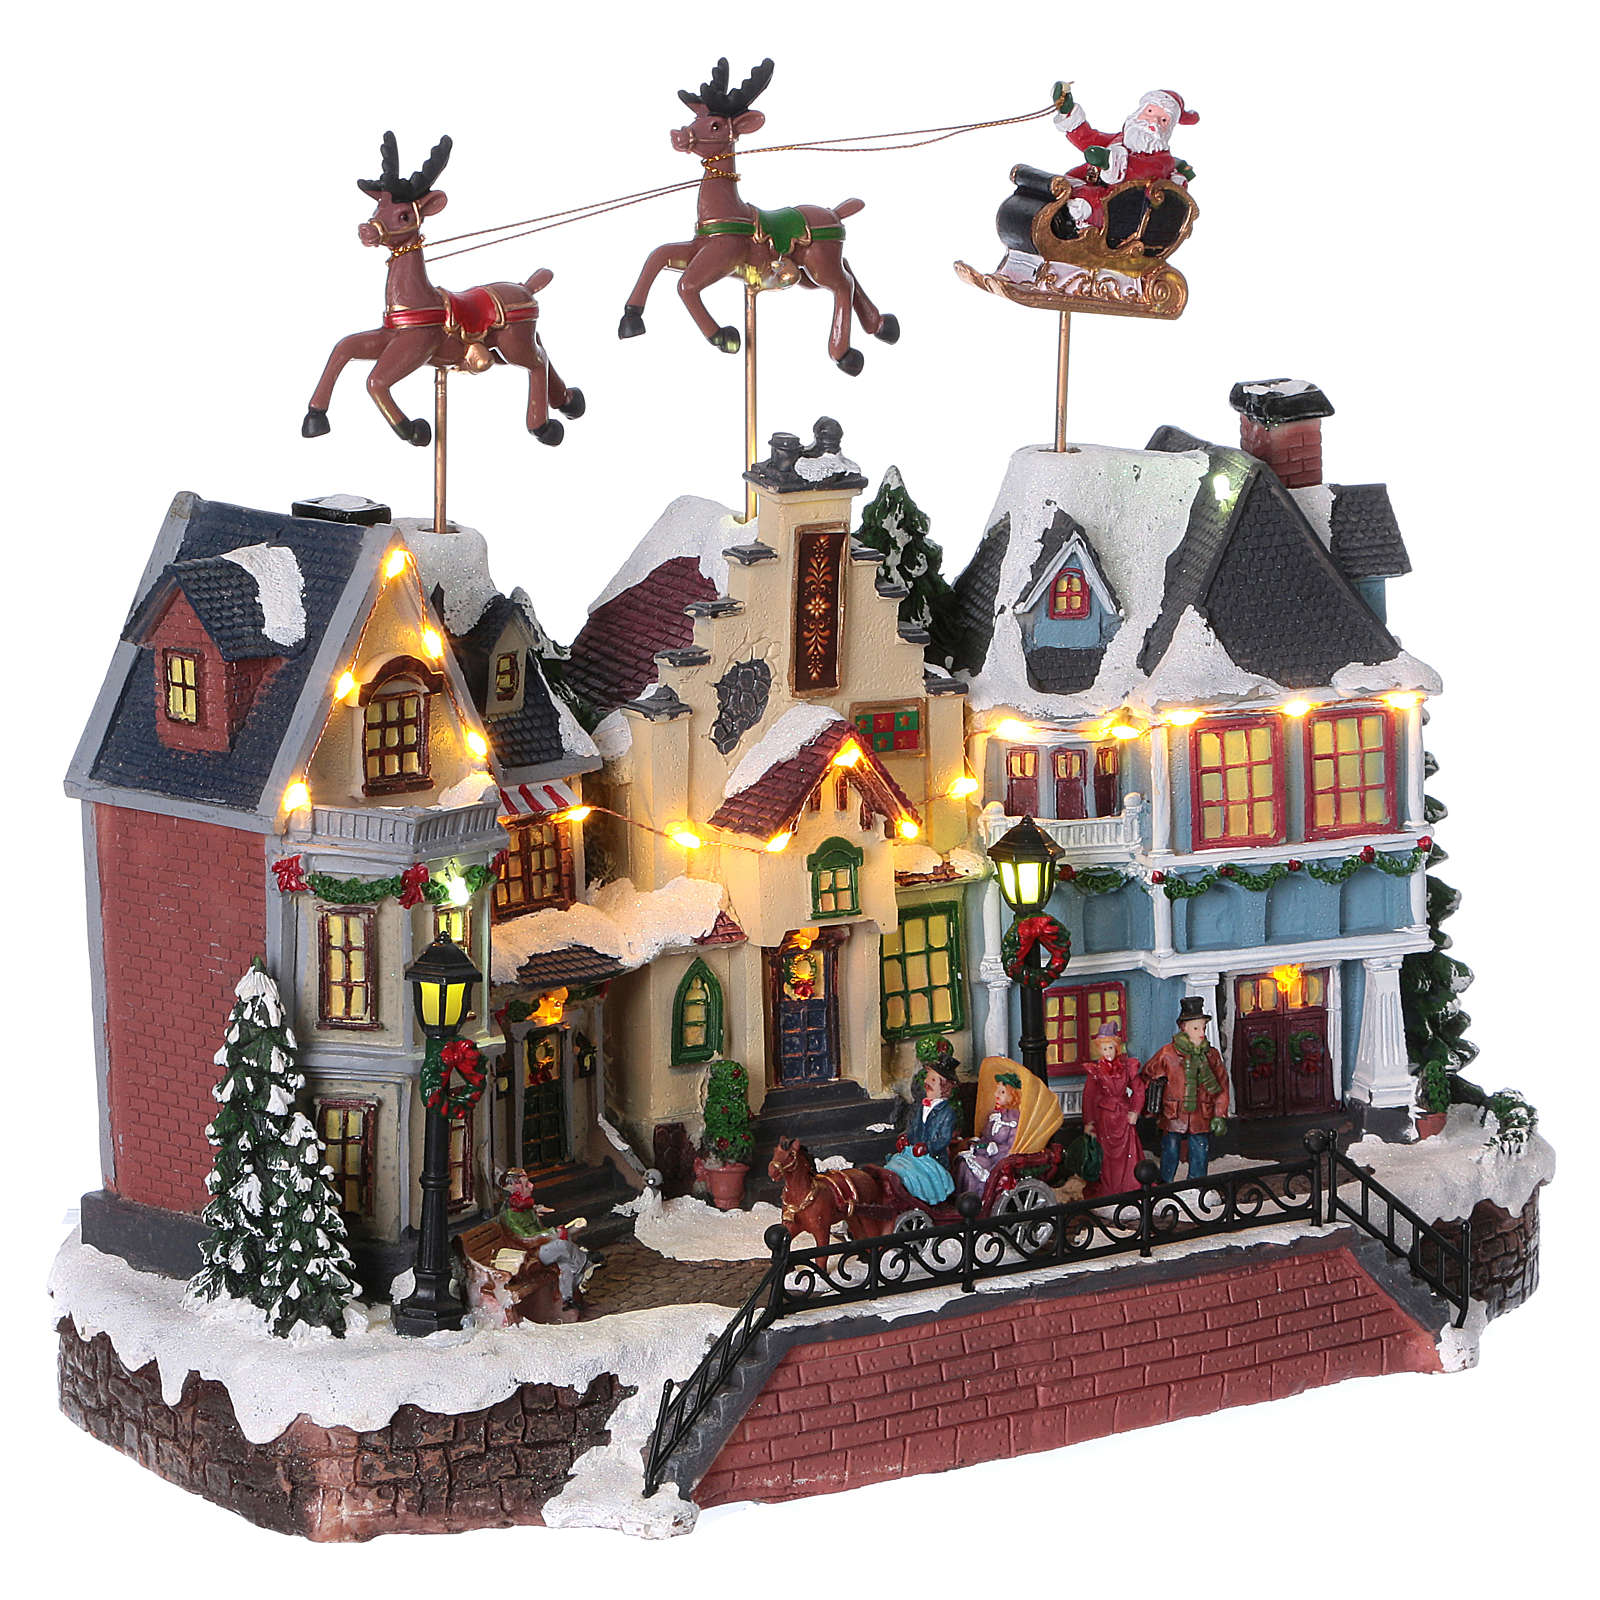 Miasteczko świąteczne led Święty Mikołaj renifery w ruchu 30x35x20 światła muzyka zasilacz 3